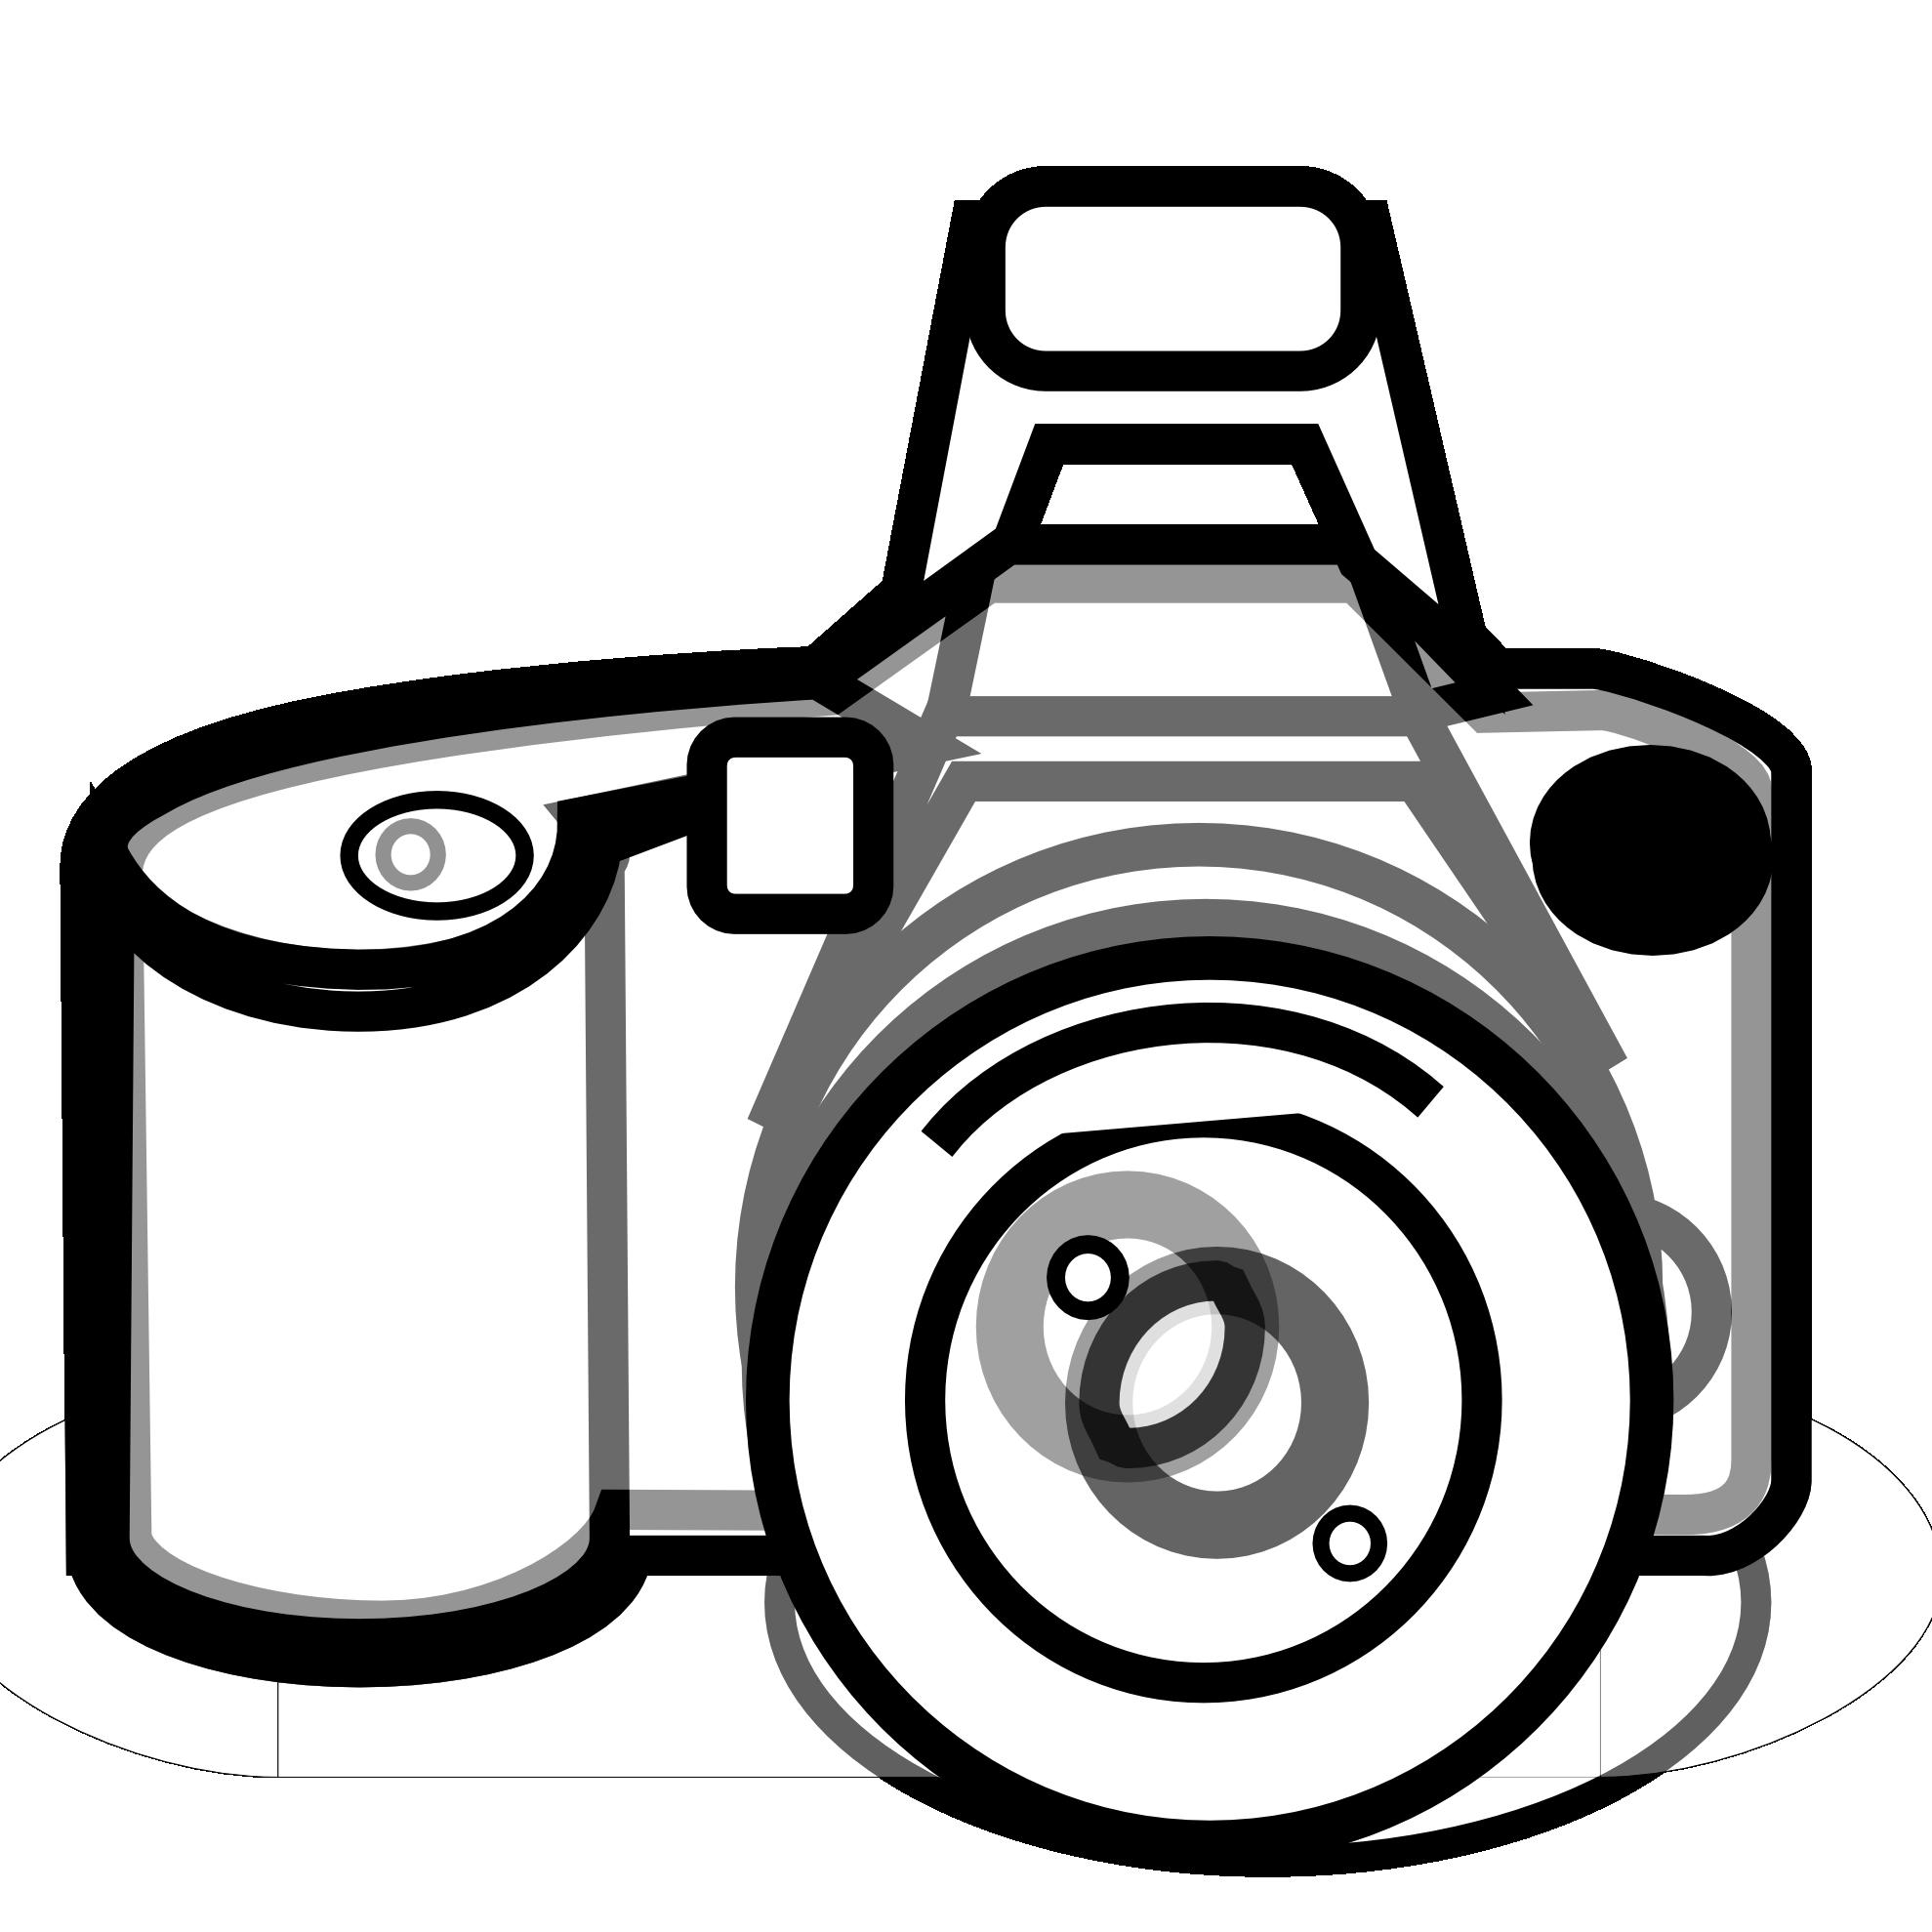 Canon Clipart - Cliparts.co